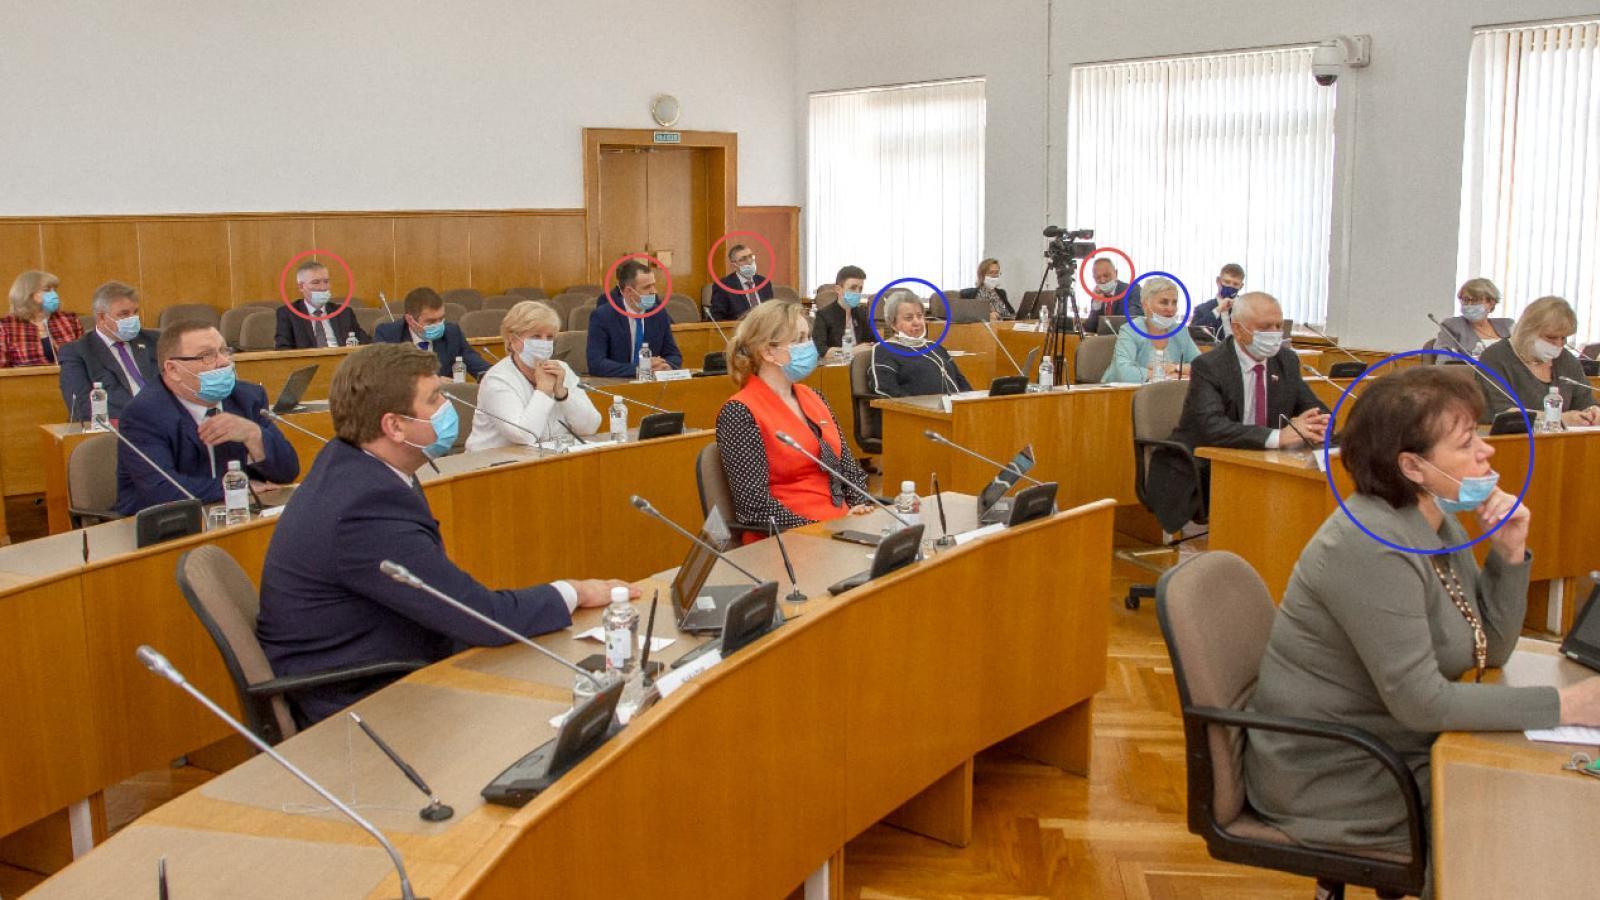 Вологодские депутаты нарушали масочный режим